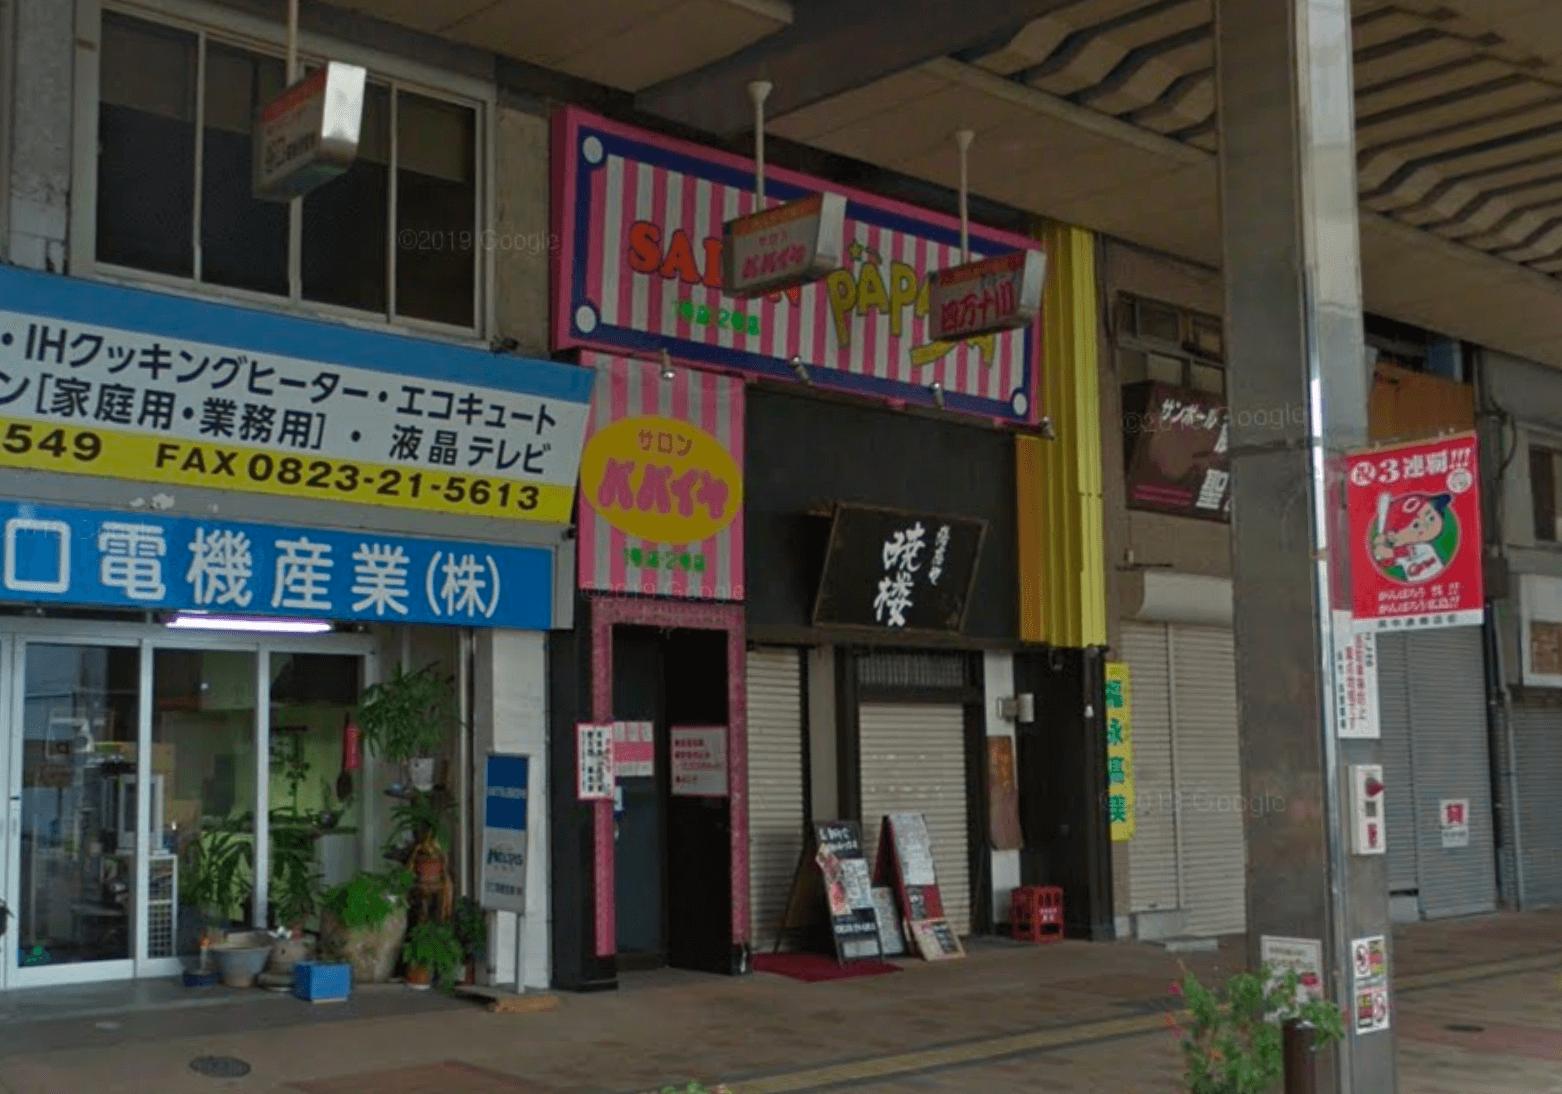 広島 本サロ